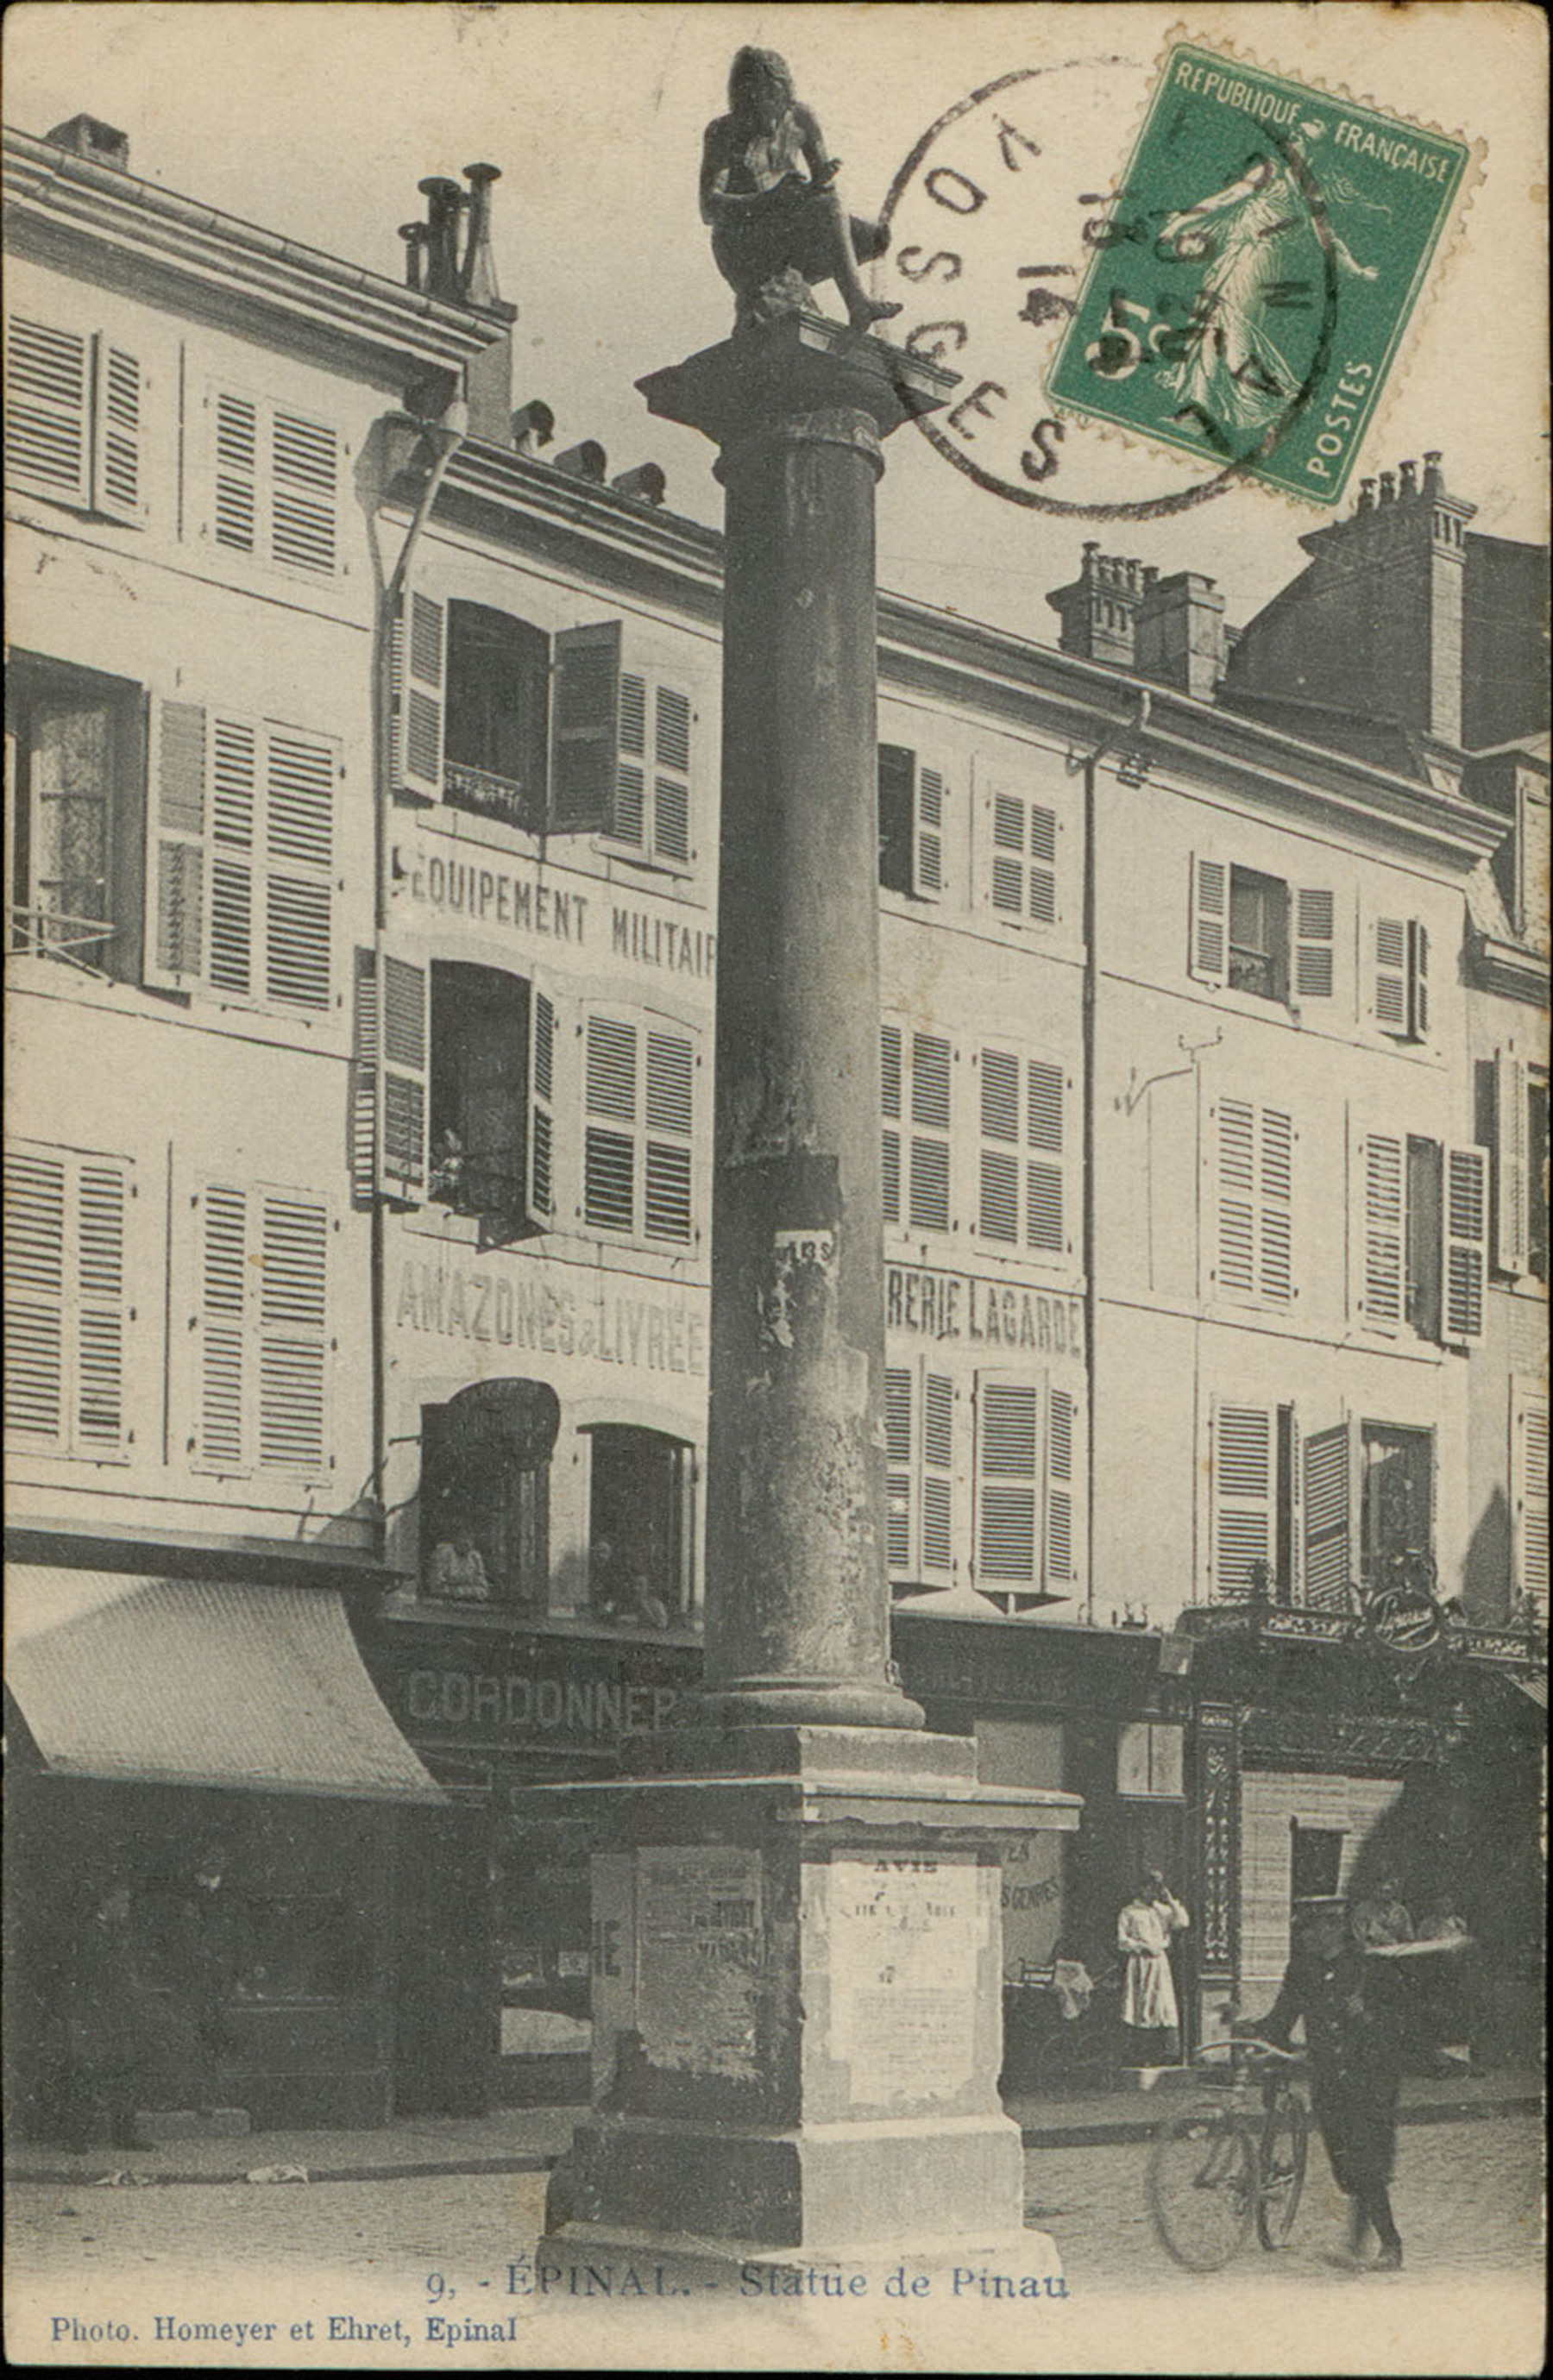 Contenu du Epinal, Statue de Pinau